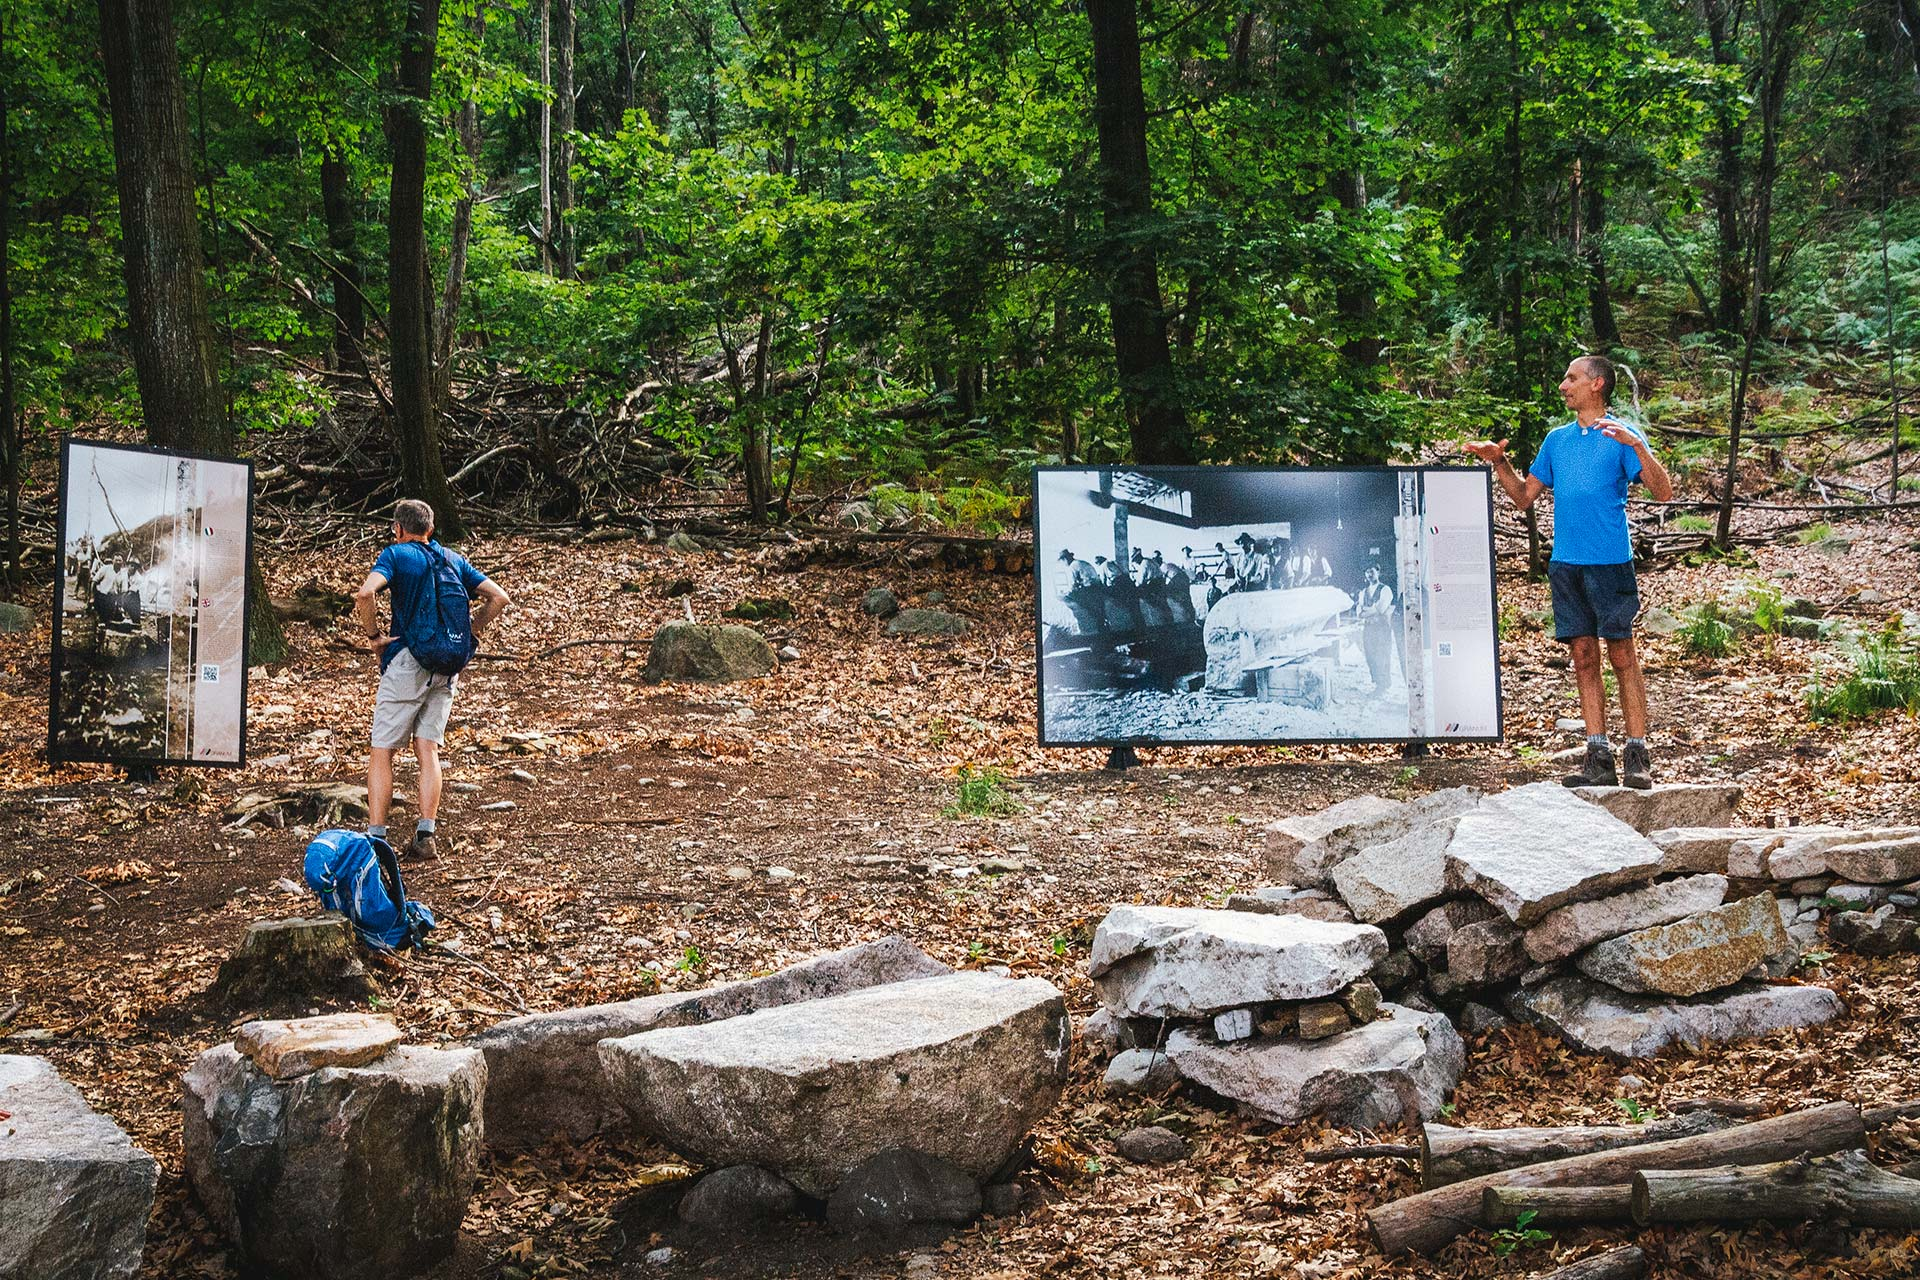 Im Freiluftmuseum nahe des noch aktiven Steinbruchs erfährt der Wanderer Wissenswertes aus dem Leben der Steinmetze